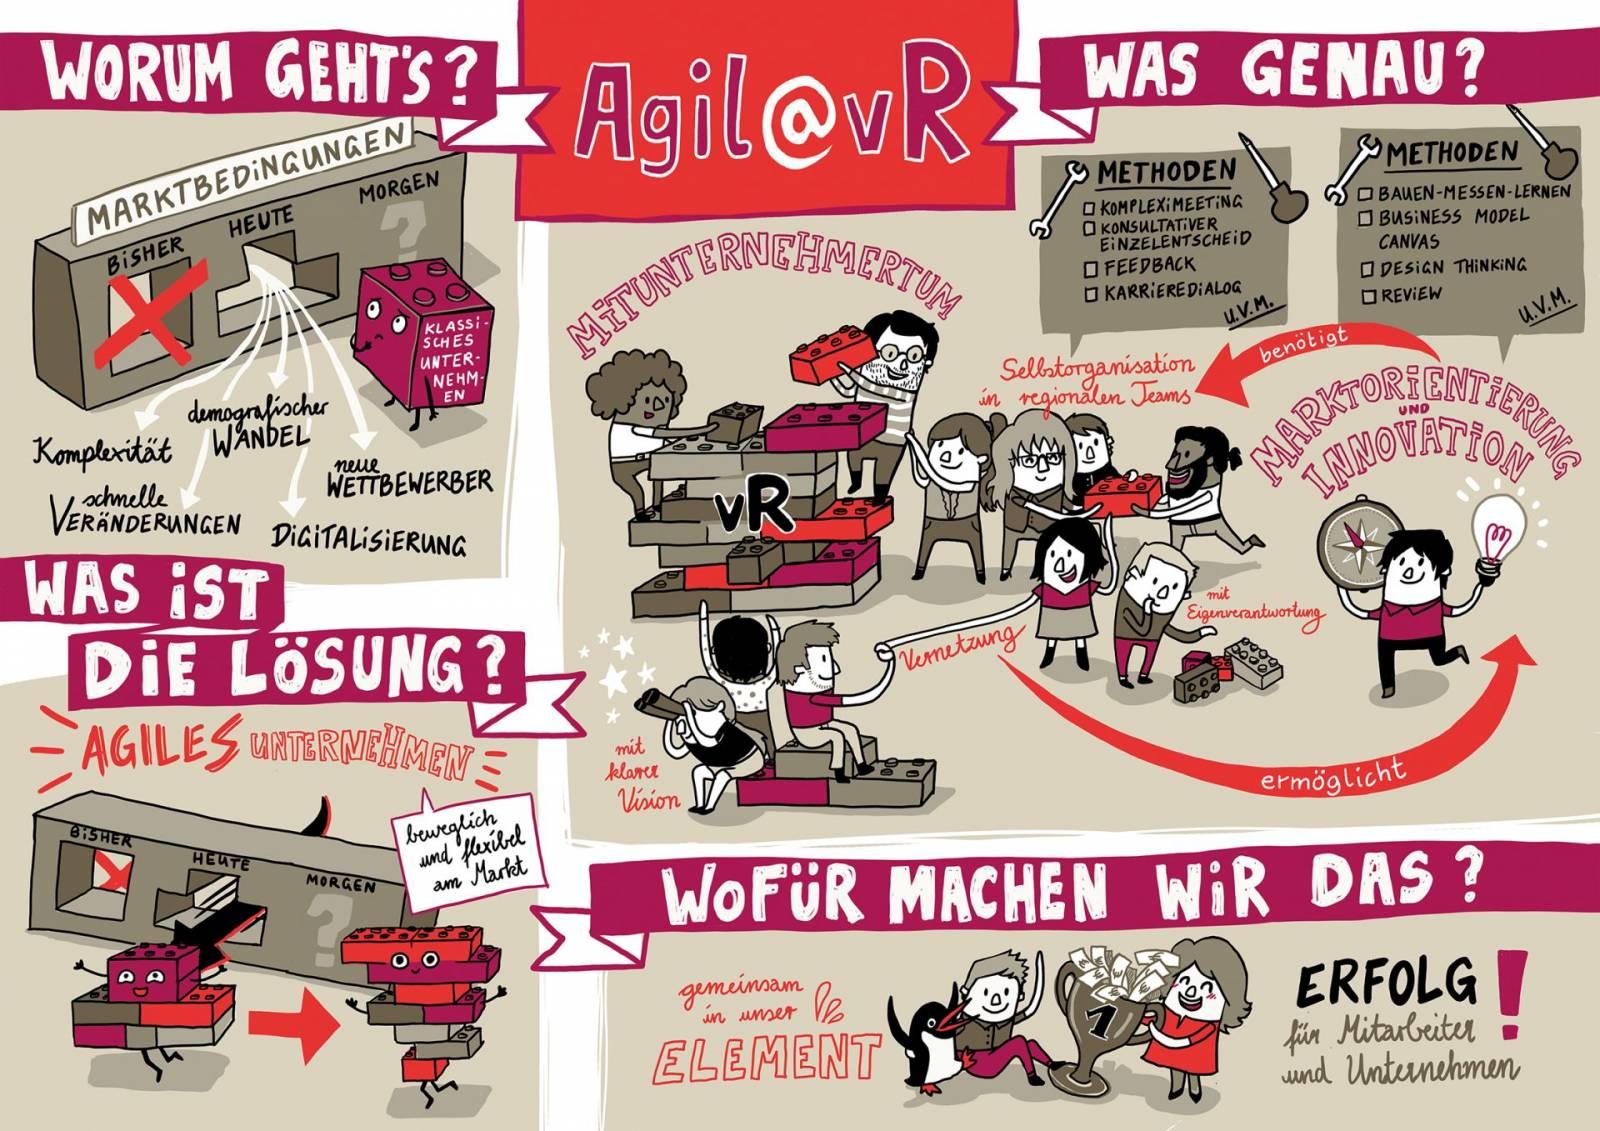 Agiles Unternehmen Infografik Poster von Rundstedt